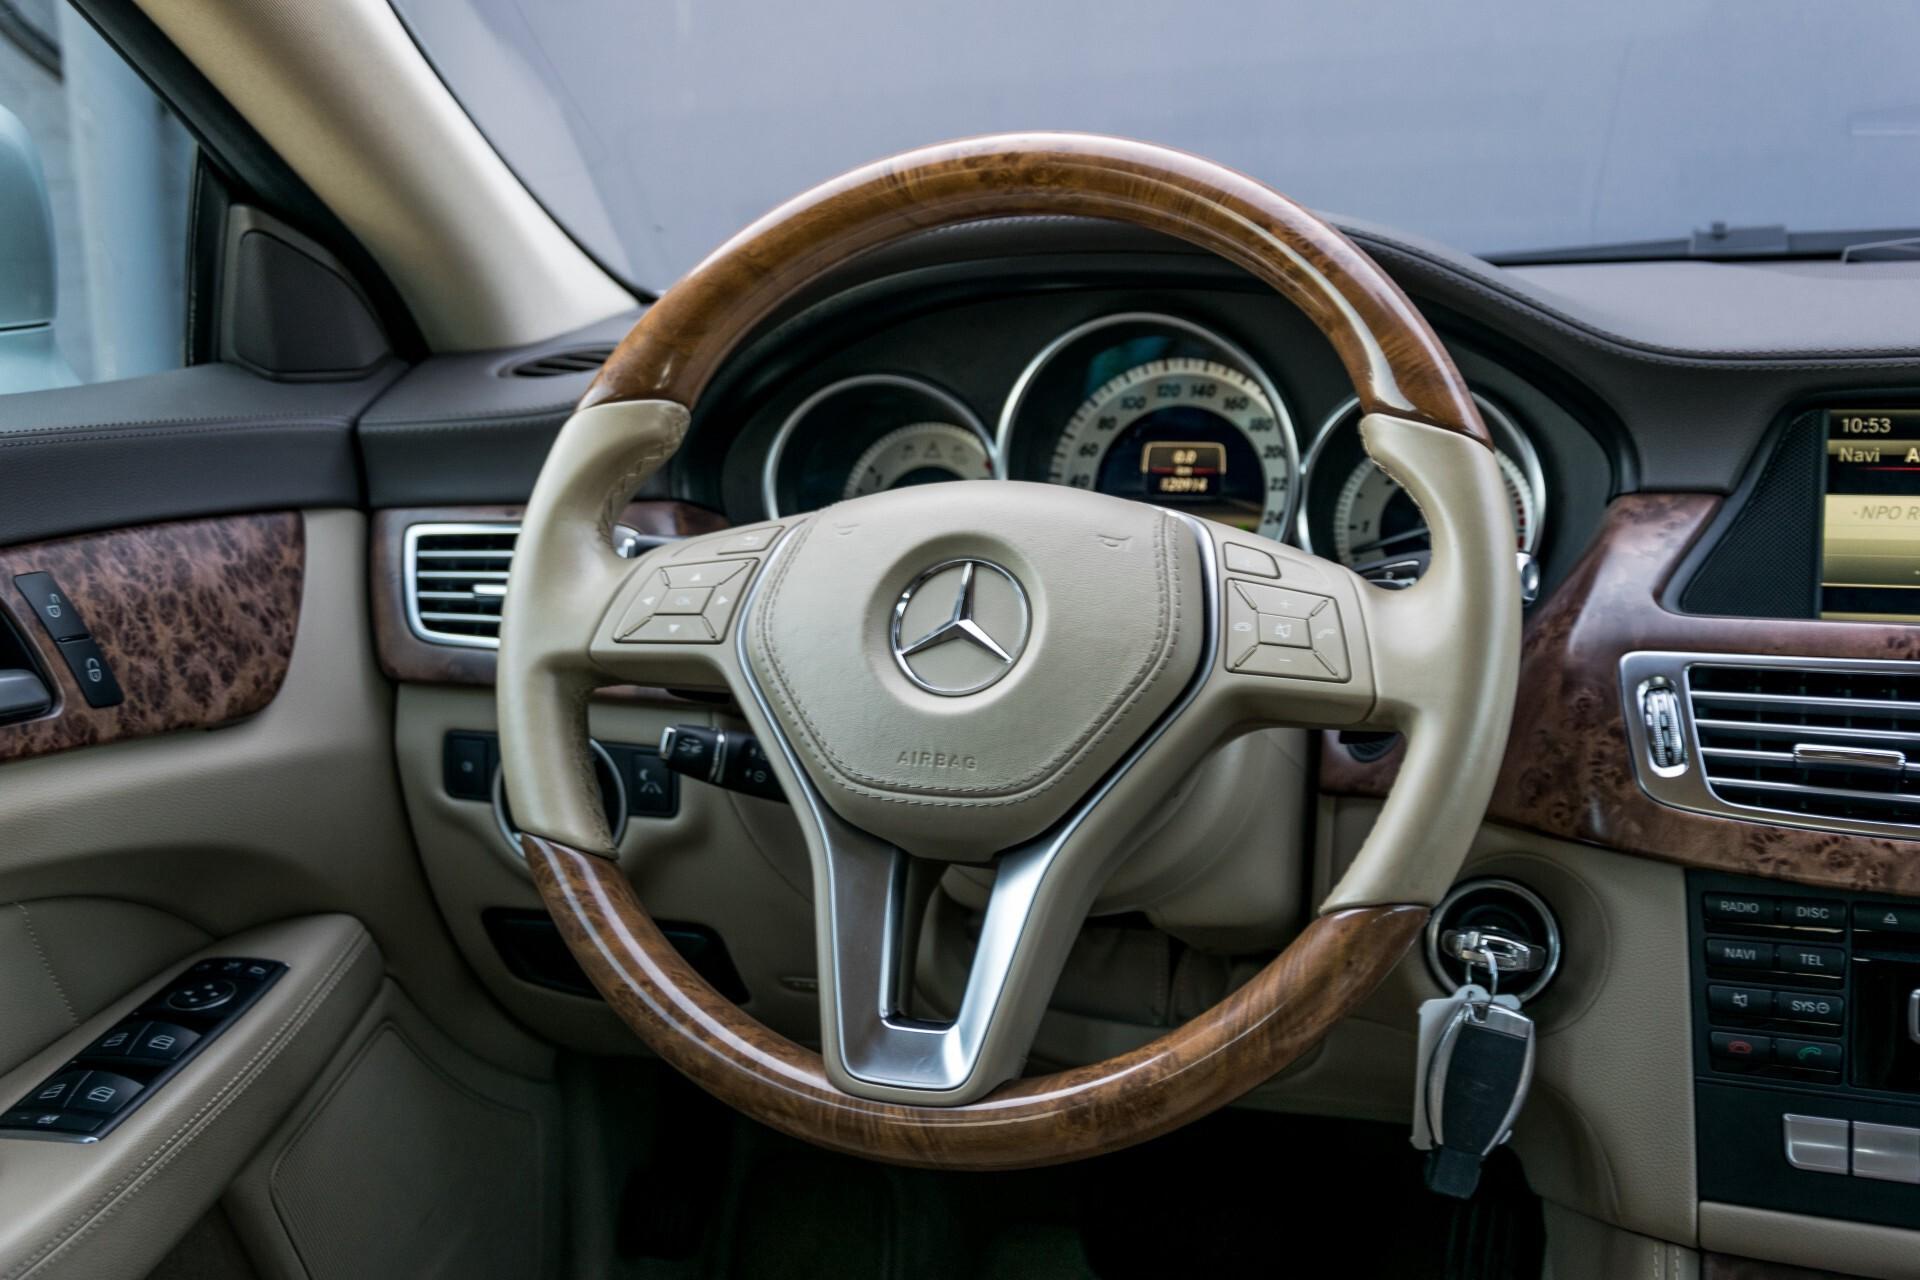 Mercedes-Benz CLS-Klasse 350 Cdi Luchtvering/Distronic/Nachtzicht/AMG/Comand/ILS Aut7 Foto 8